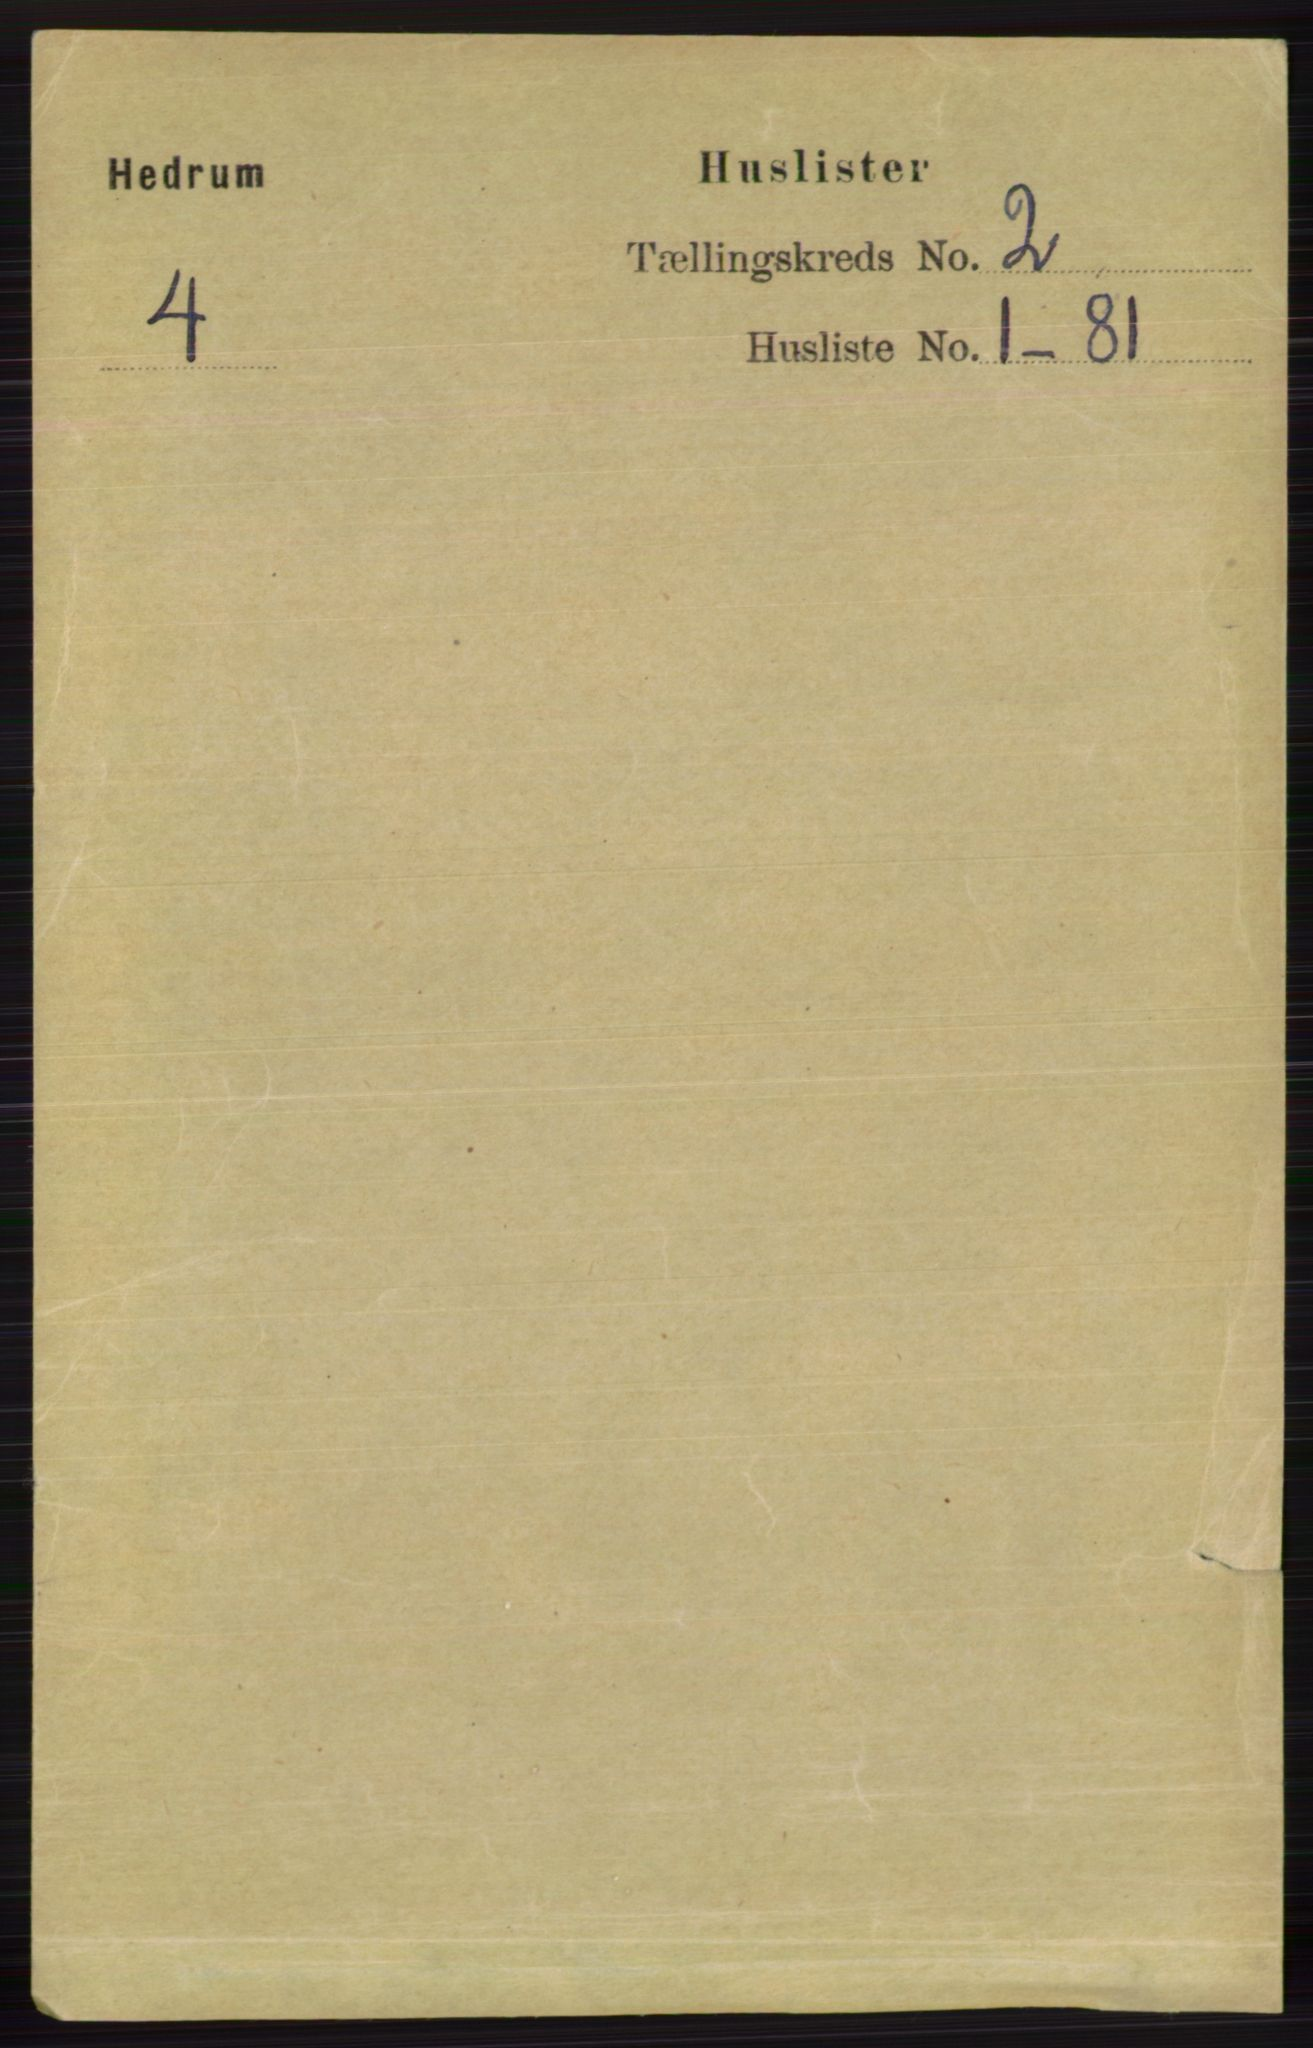 RA, Folketelling 1891 for 0727 Hedrum herred, 1891, s. 276